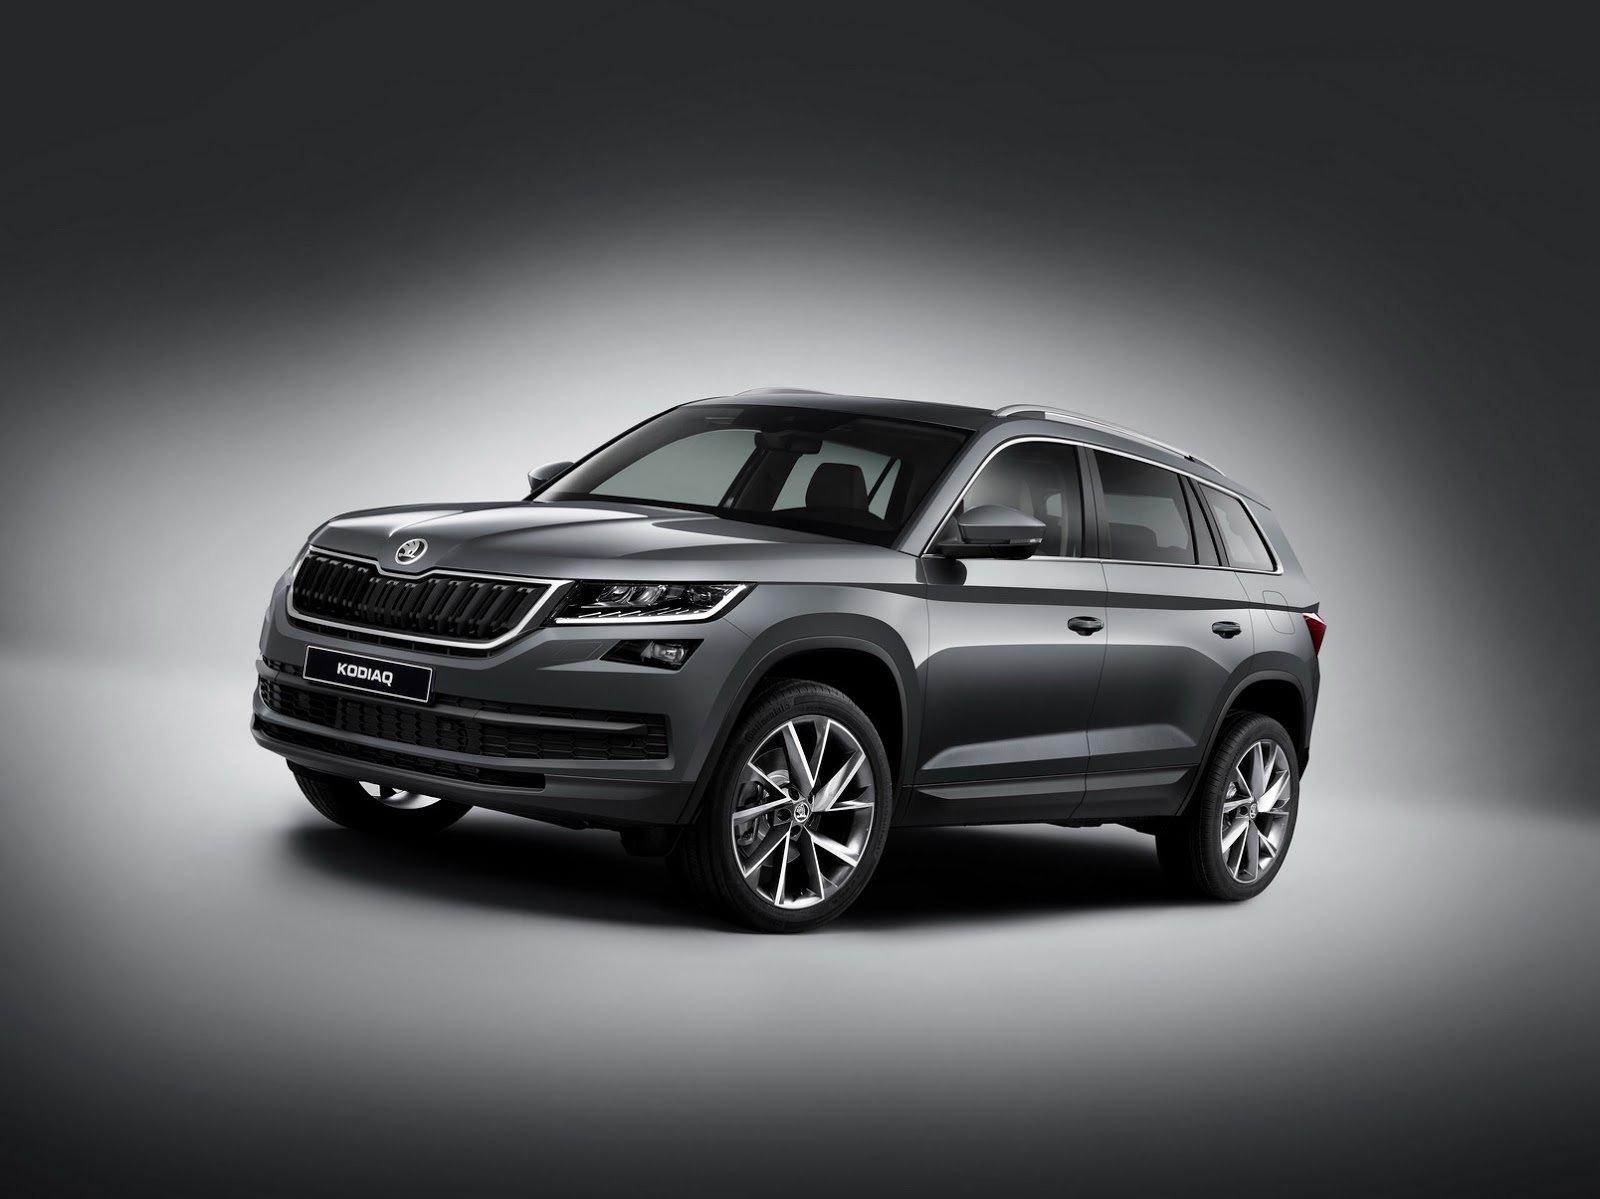 Škoda poprvé boduje českými cenami! Kodiaq stojí skoro stejně jako Superb - anotační foto